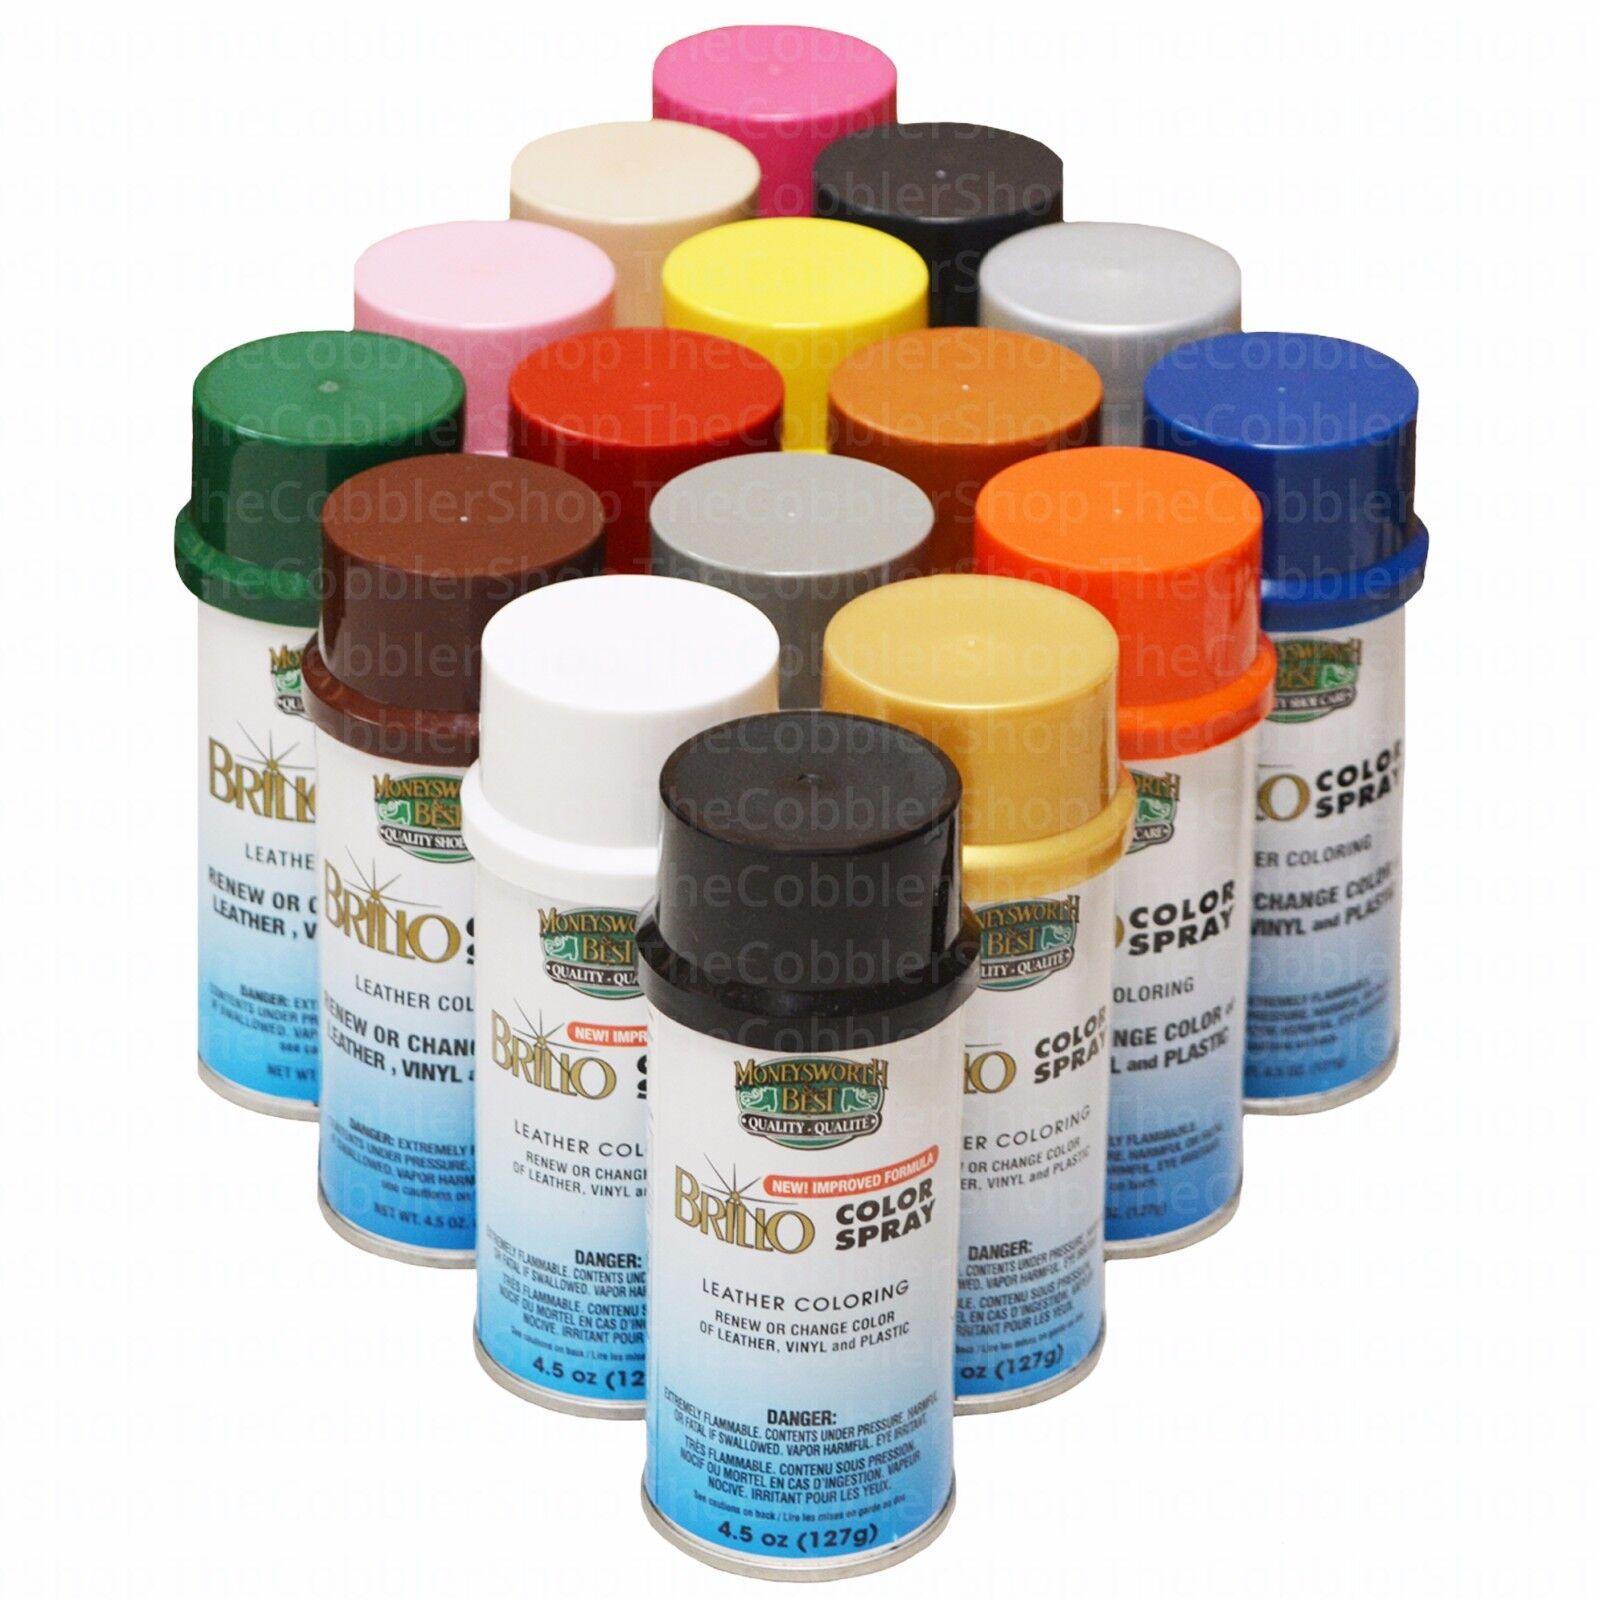 Leather & Vinyl Color Spray Dye - 4.5oz - Permanent Color -